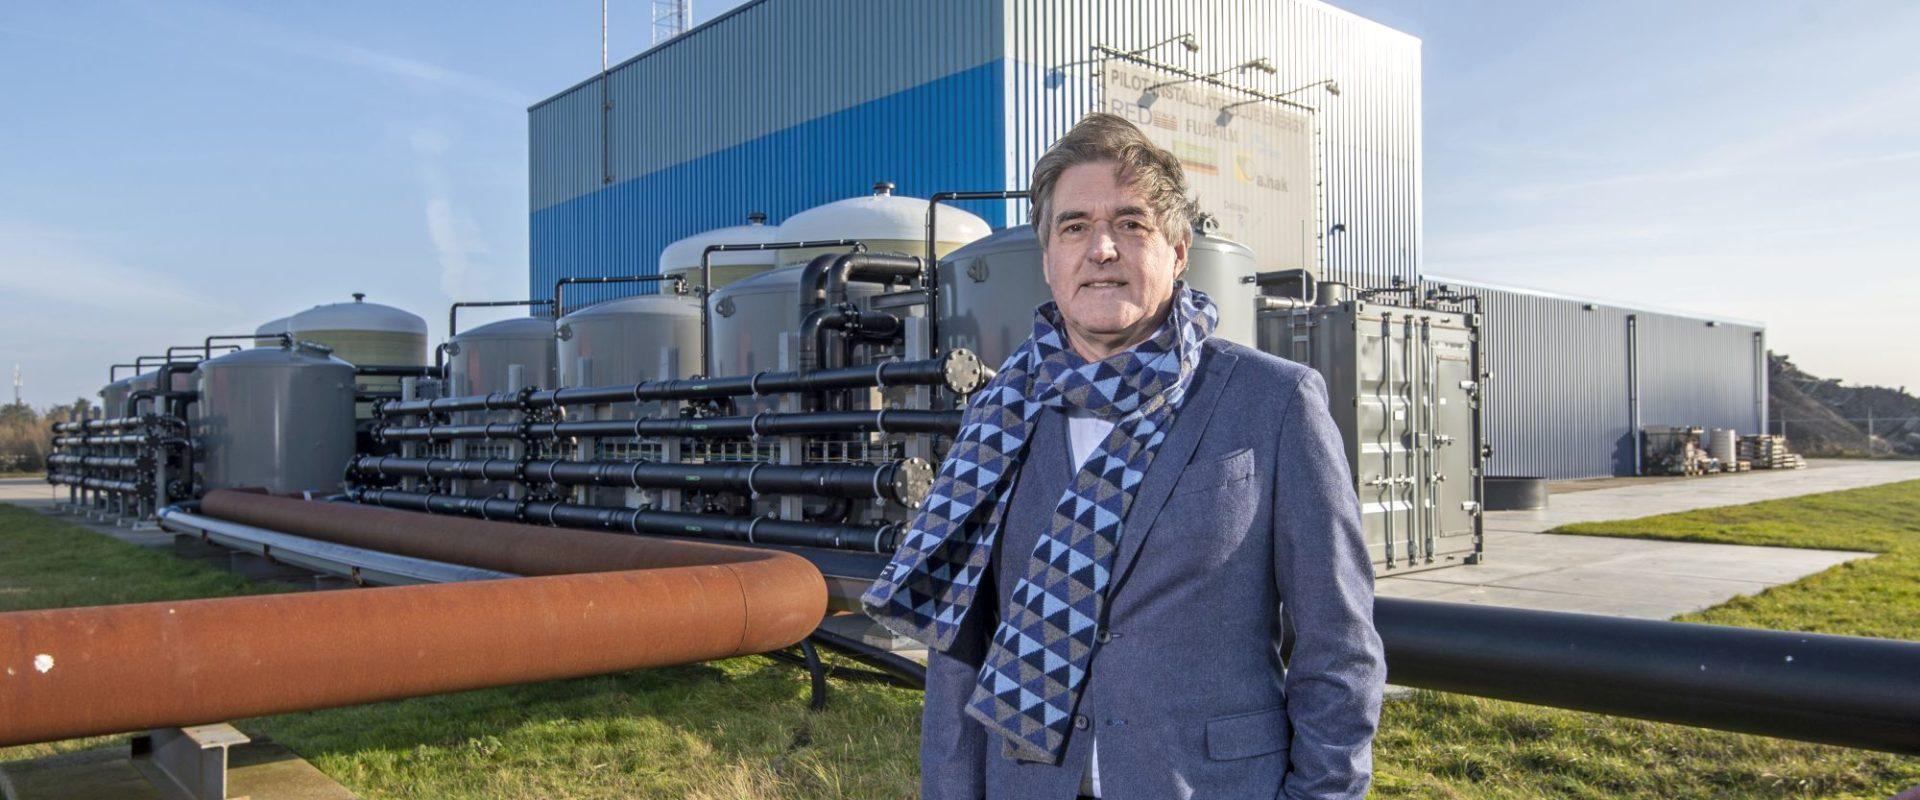 Rik Siebers, directeur REDstack 'De COL was een welkome en waardevolle aanvulling'